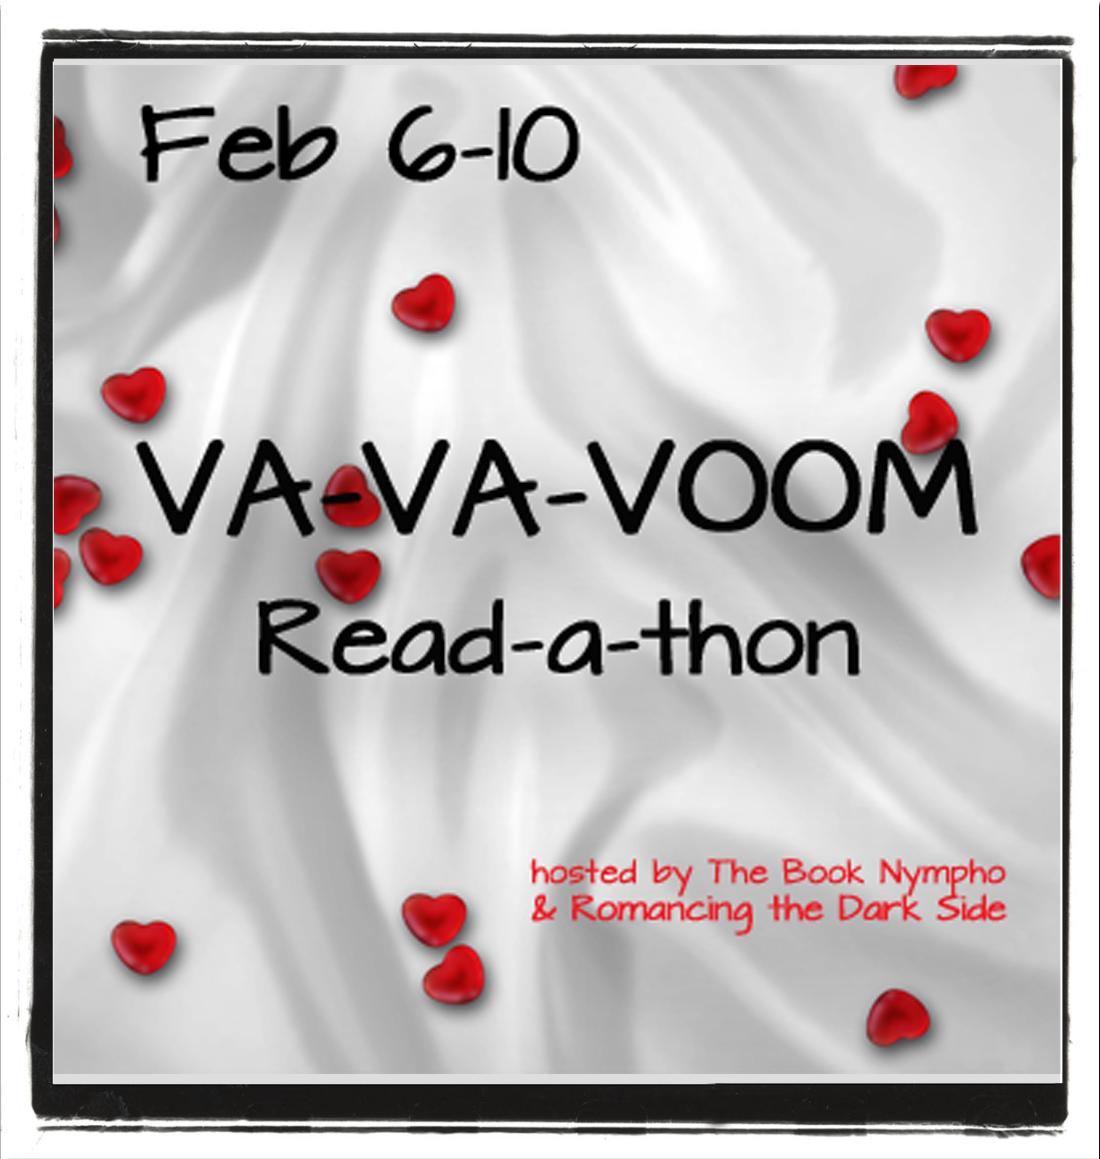 http://thebooknympho.com/2014/01/sign-up-va-va-voom-read-a-thon/